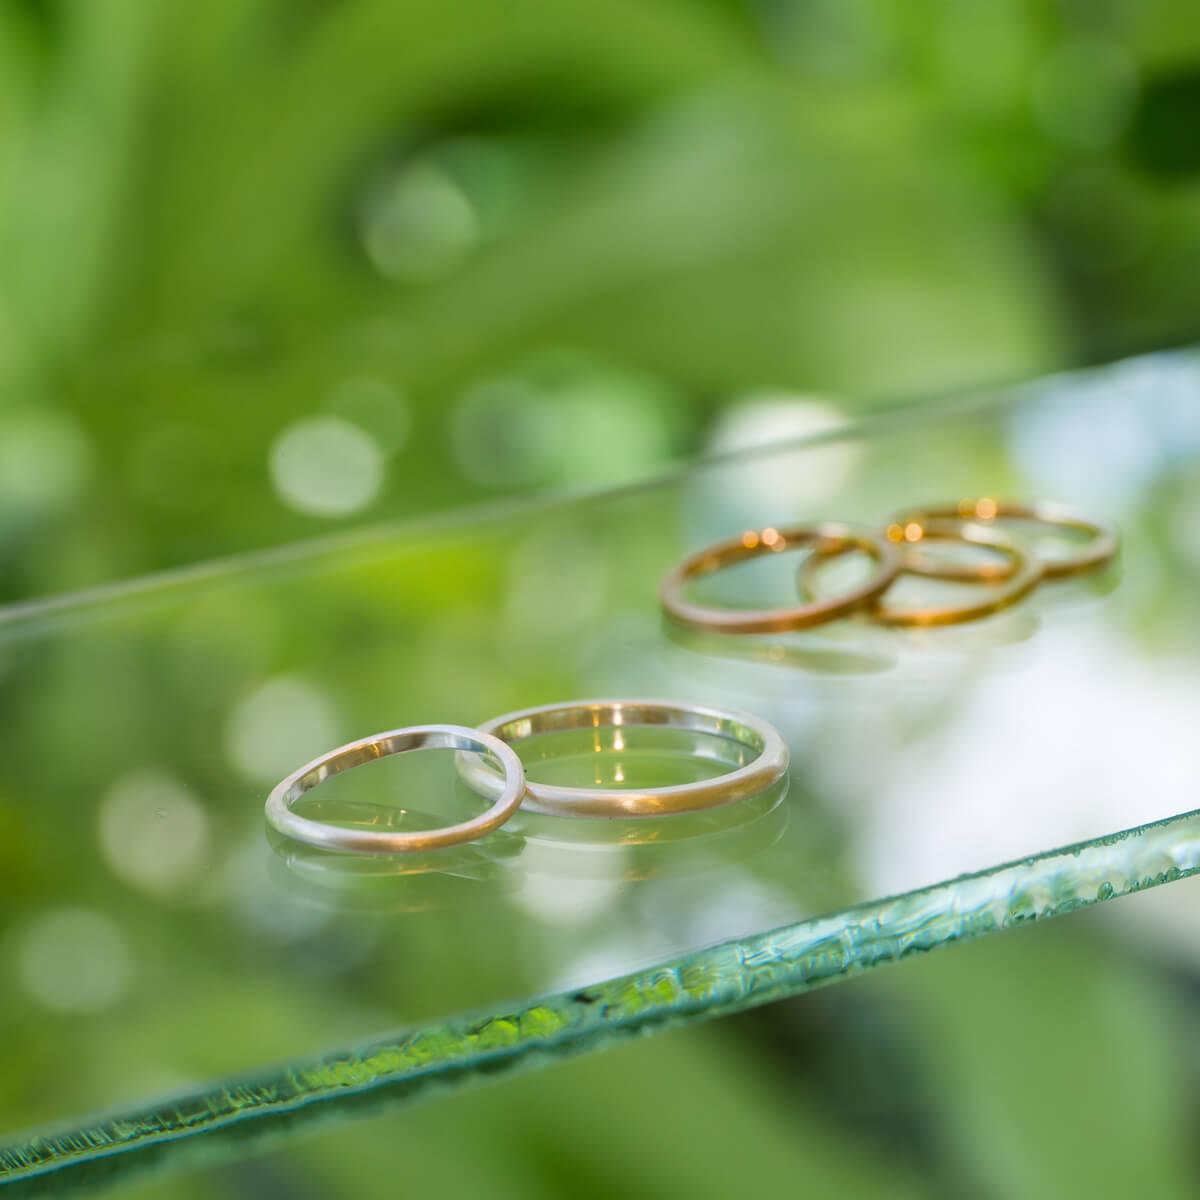 屋久島しずくギャラリー、ジュエリーのディスプレイ シルバーゴールドリング オーダーメイド結婚指輪のサンプル 屋久島の緑バック 屋久島でつくる結婚指輪